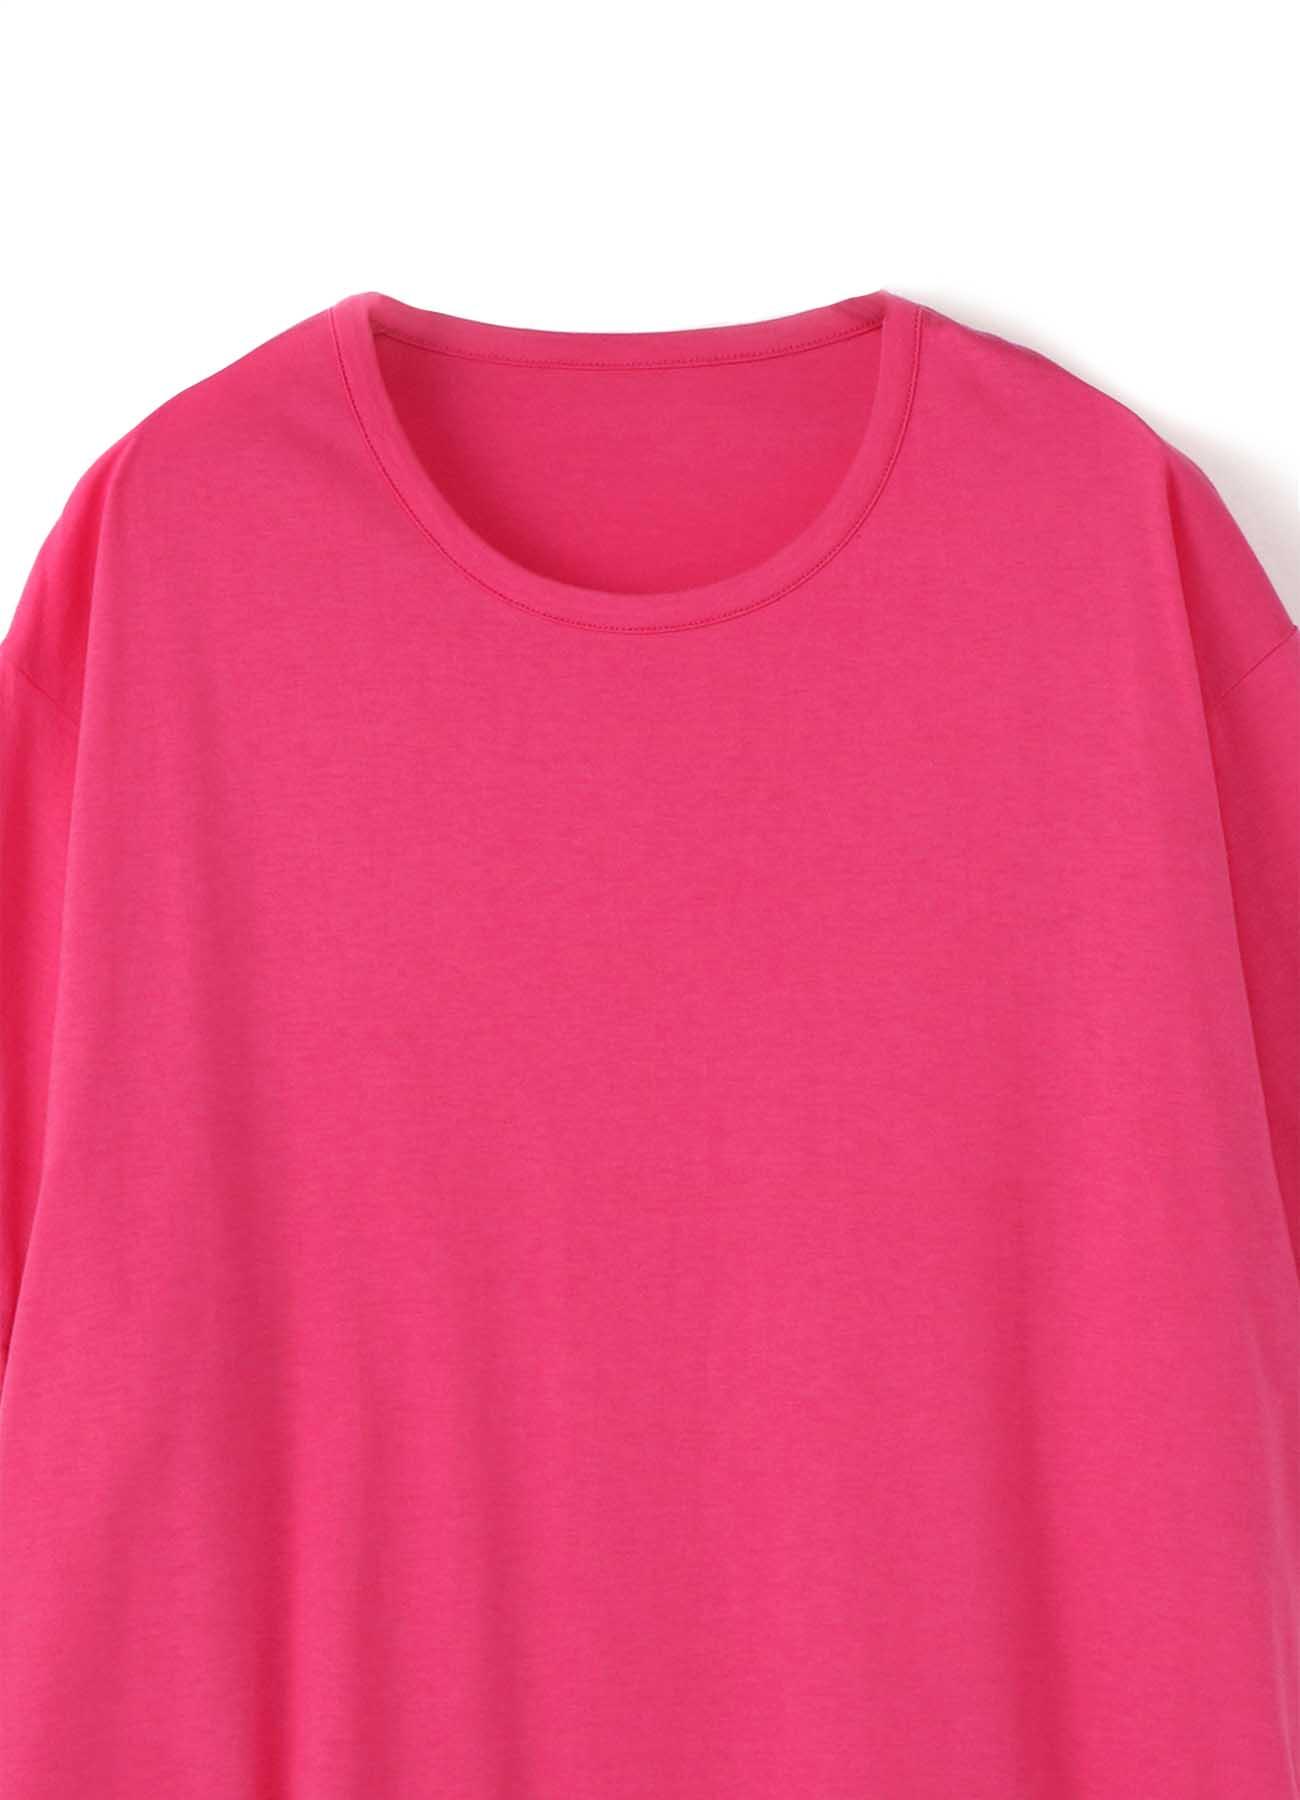 30/- Modal Jersey A Tied Big Cut Sew